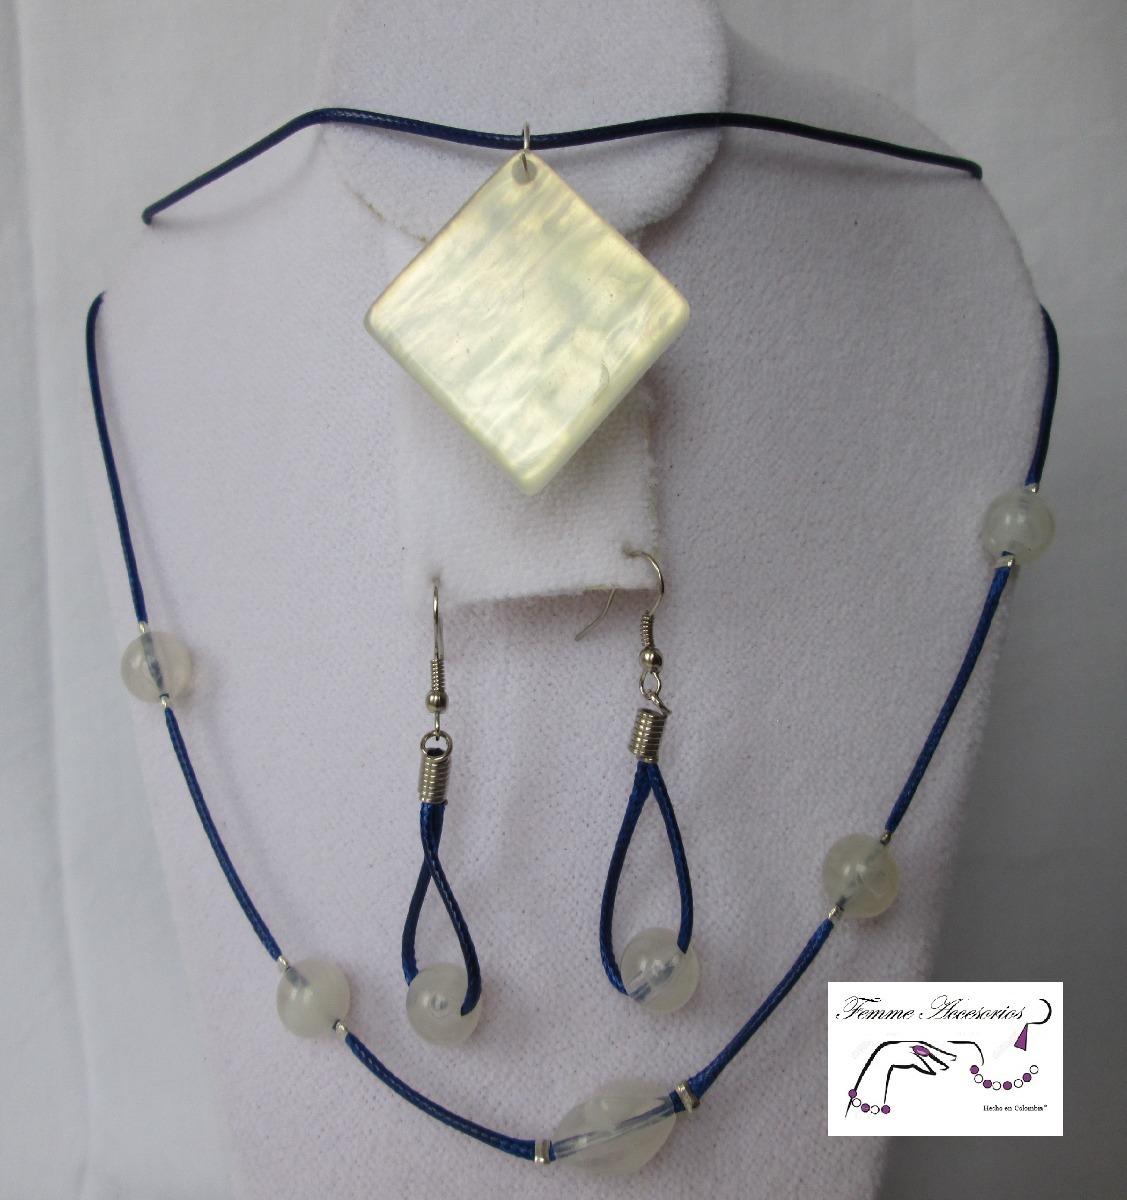 ae36f21faf14 Mujer Accesorios Joyería Bisutería Collar Azul C-058.1 -   23.000 en ...